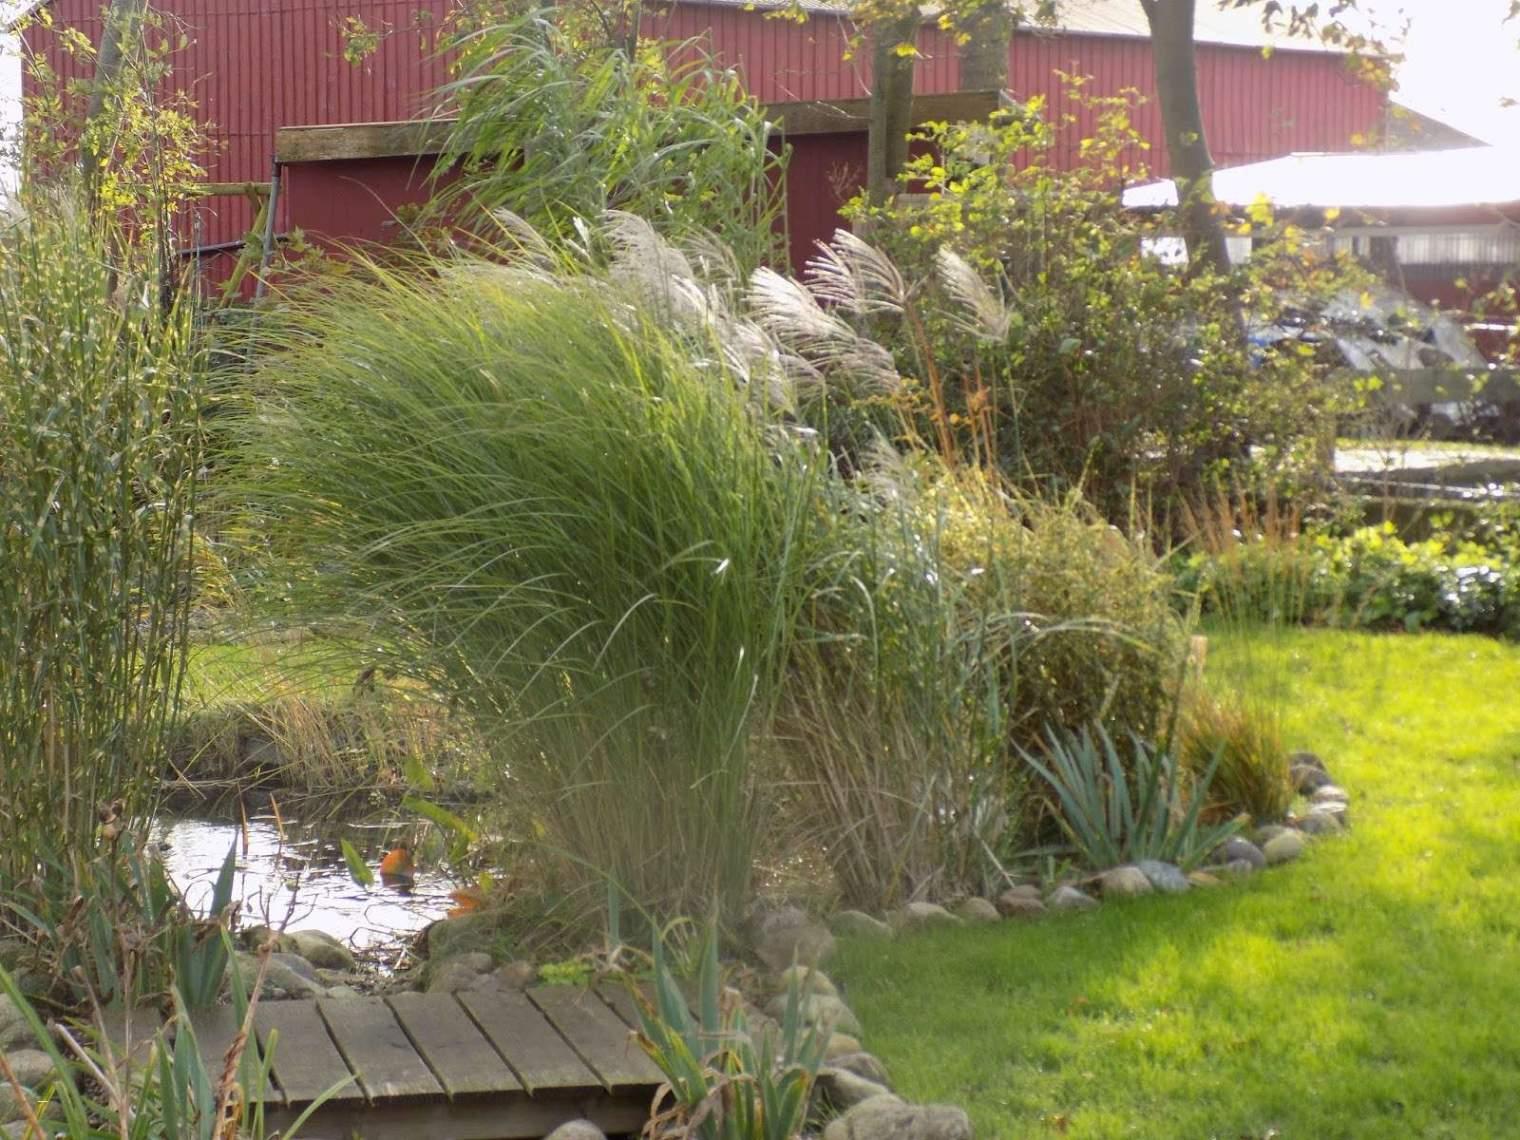 33 elegant graser im garten als sichtschutz winterharte graser garten winterharte graser garten 1